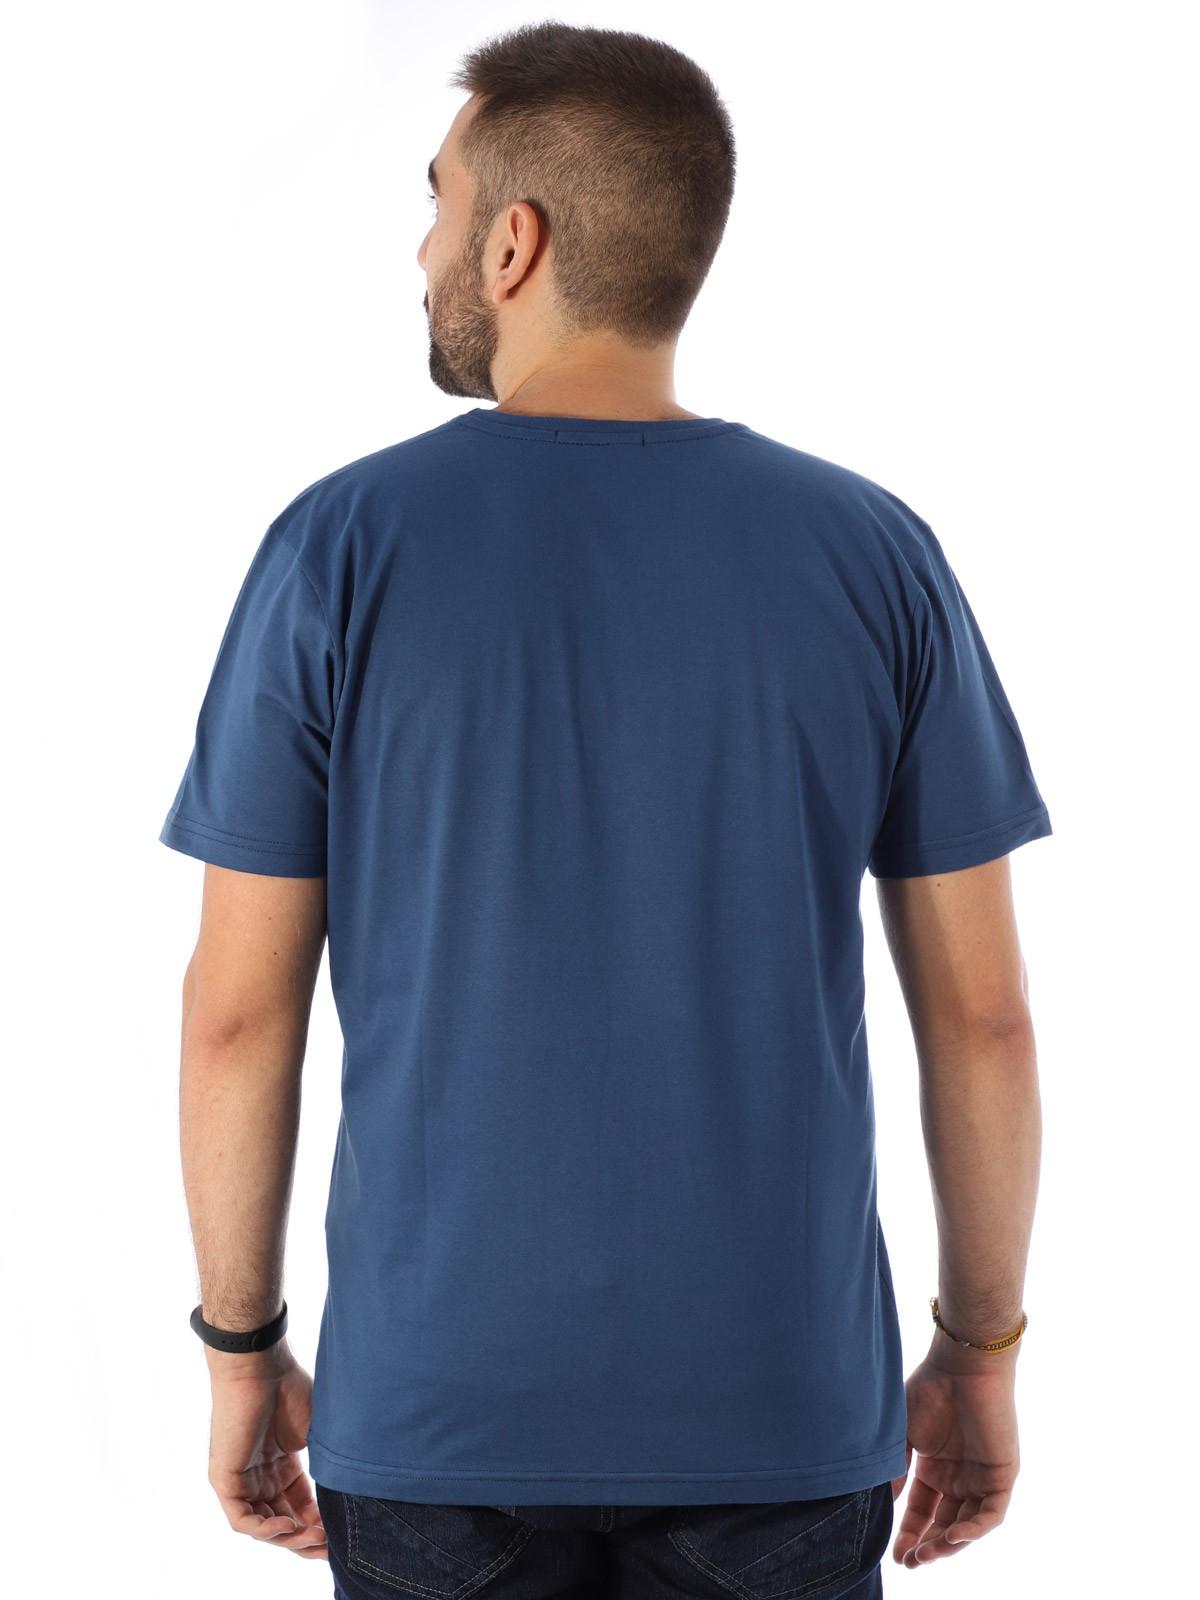 Camiseta Masculina Algodão Básica Estampa Penas Jeans